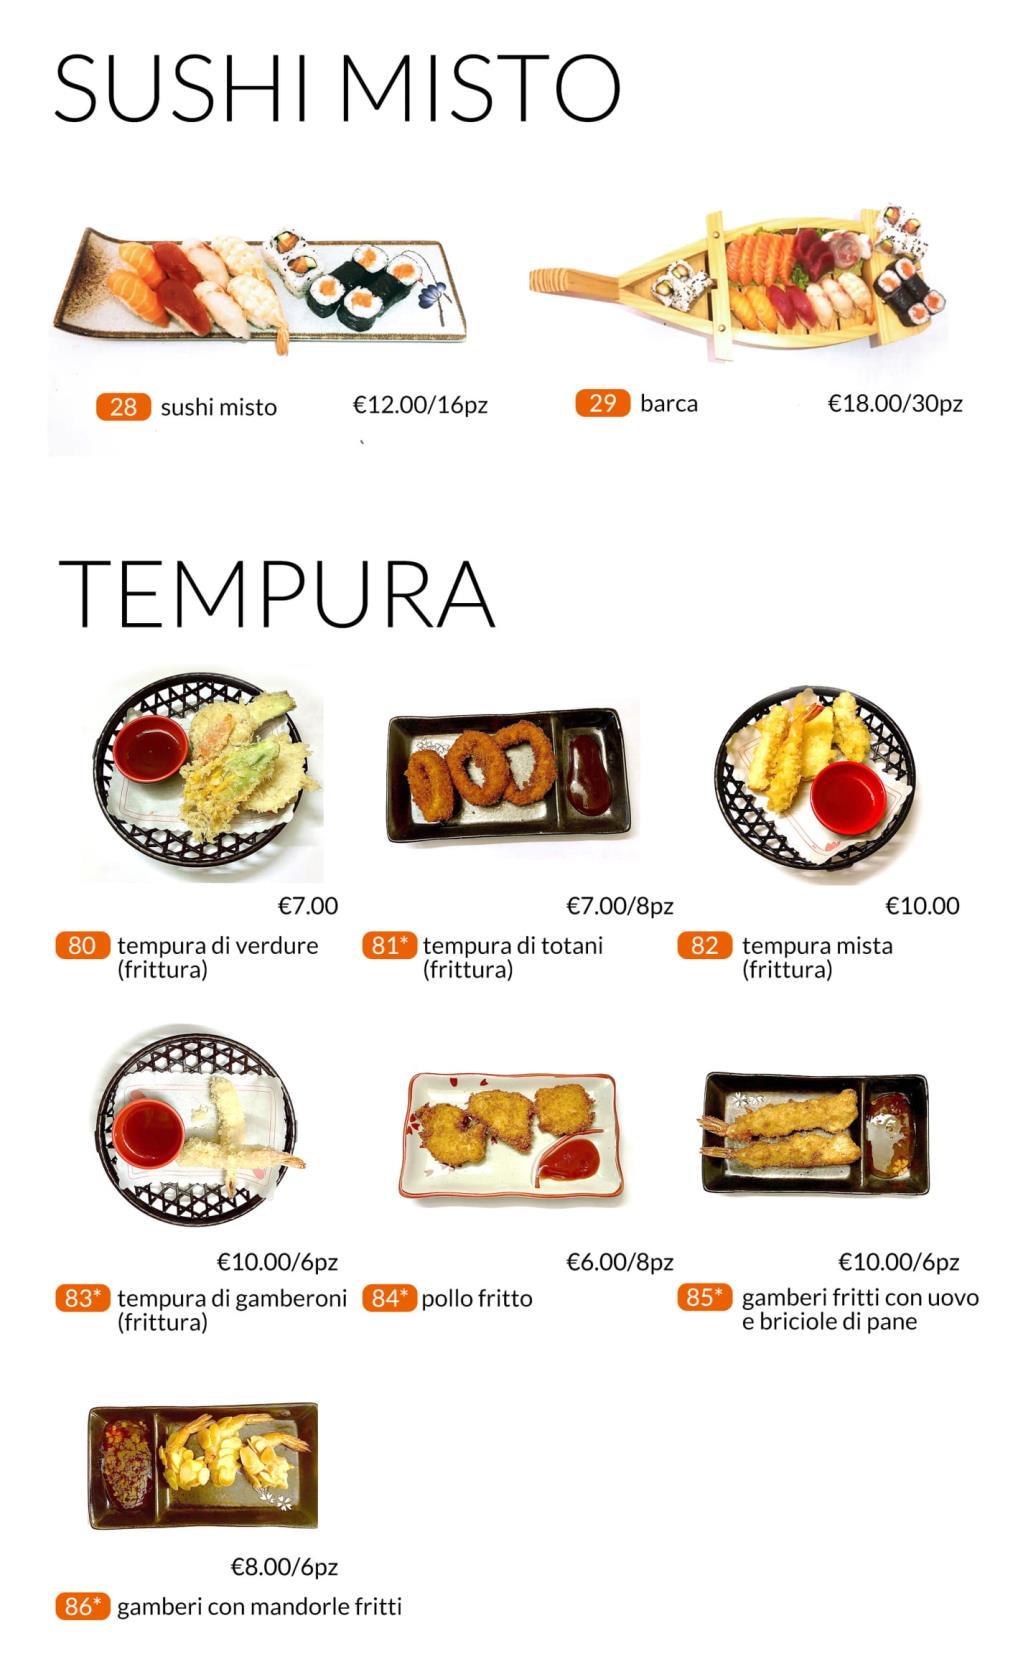 Sushi All you can eat Città di Castello Perugia Zen Sushi & Asian Cuisine